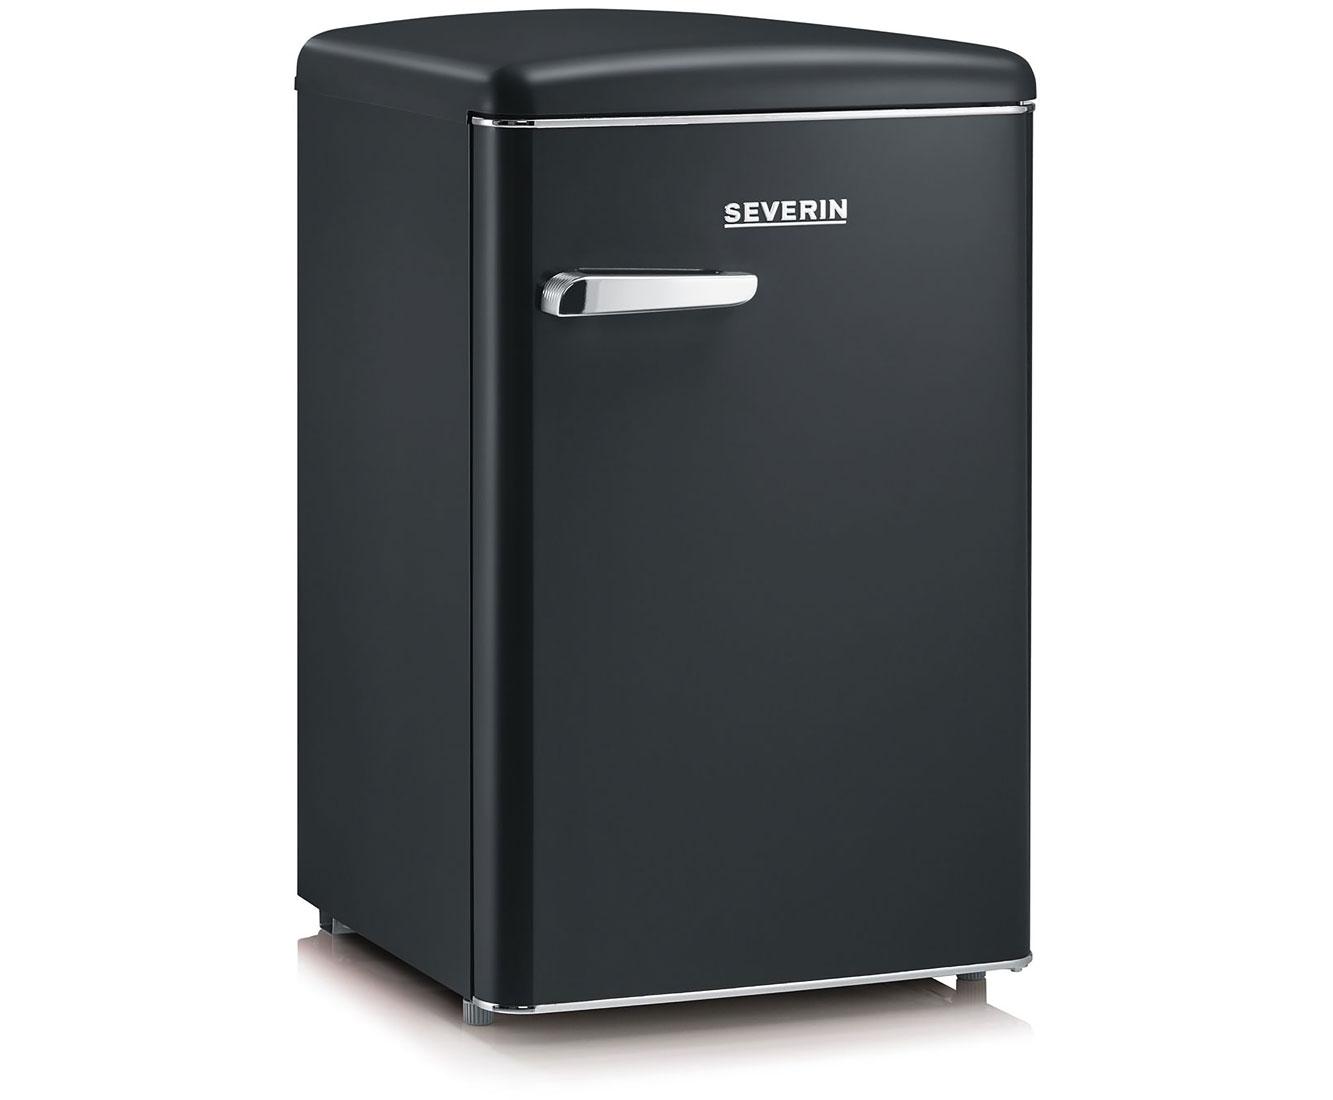 Kleiner Kühlschrank Schwarz : Kleiner kühlschrank interdiscount garni villa siesta park